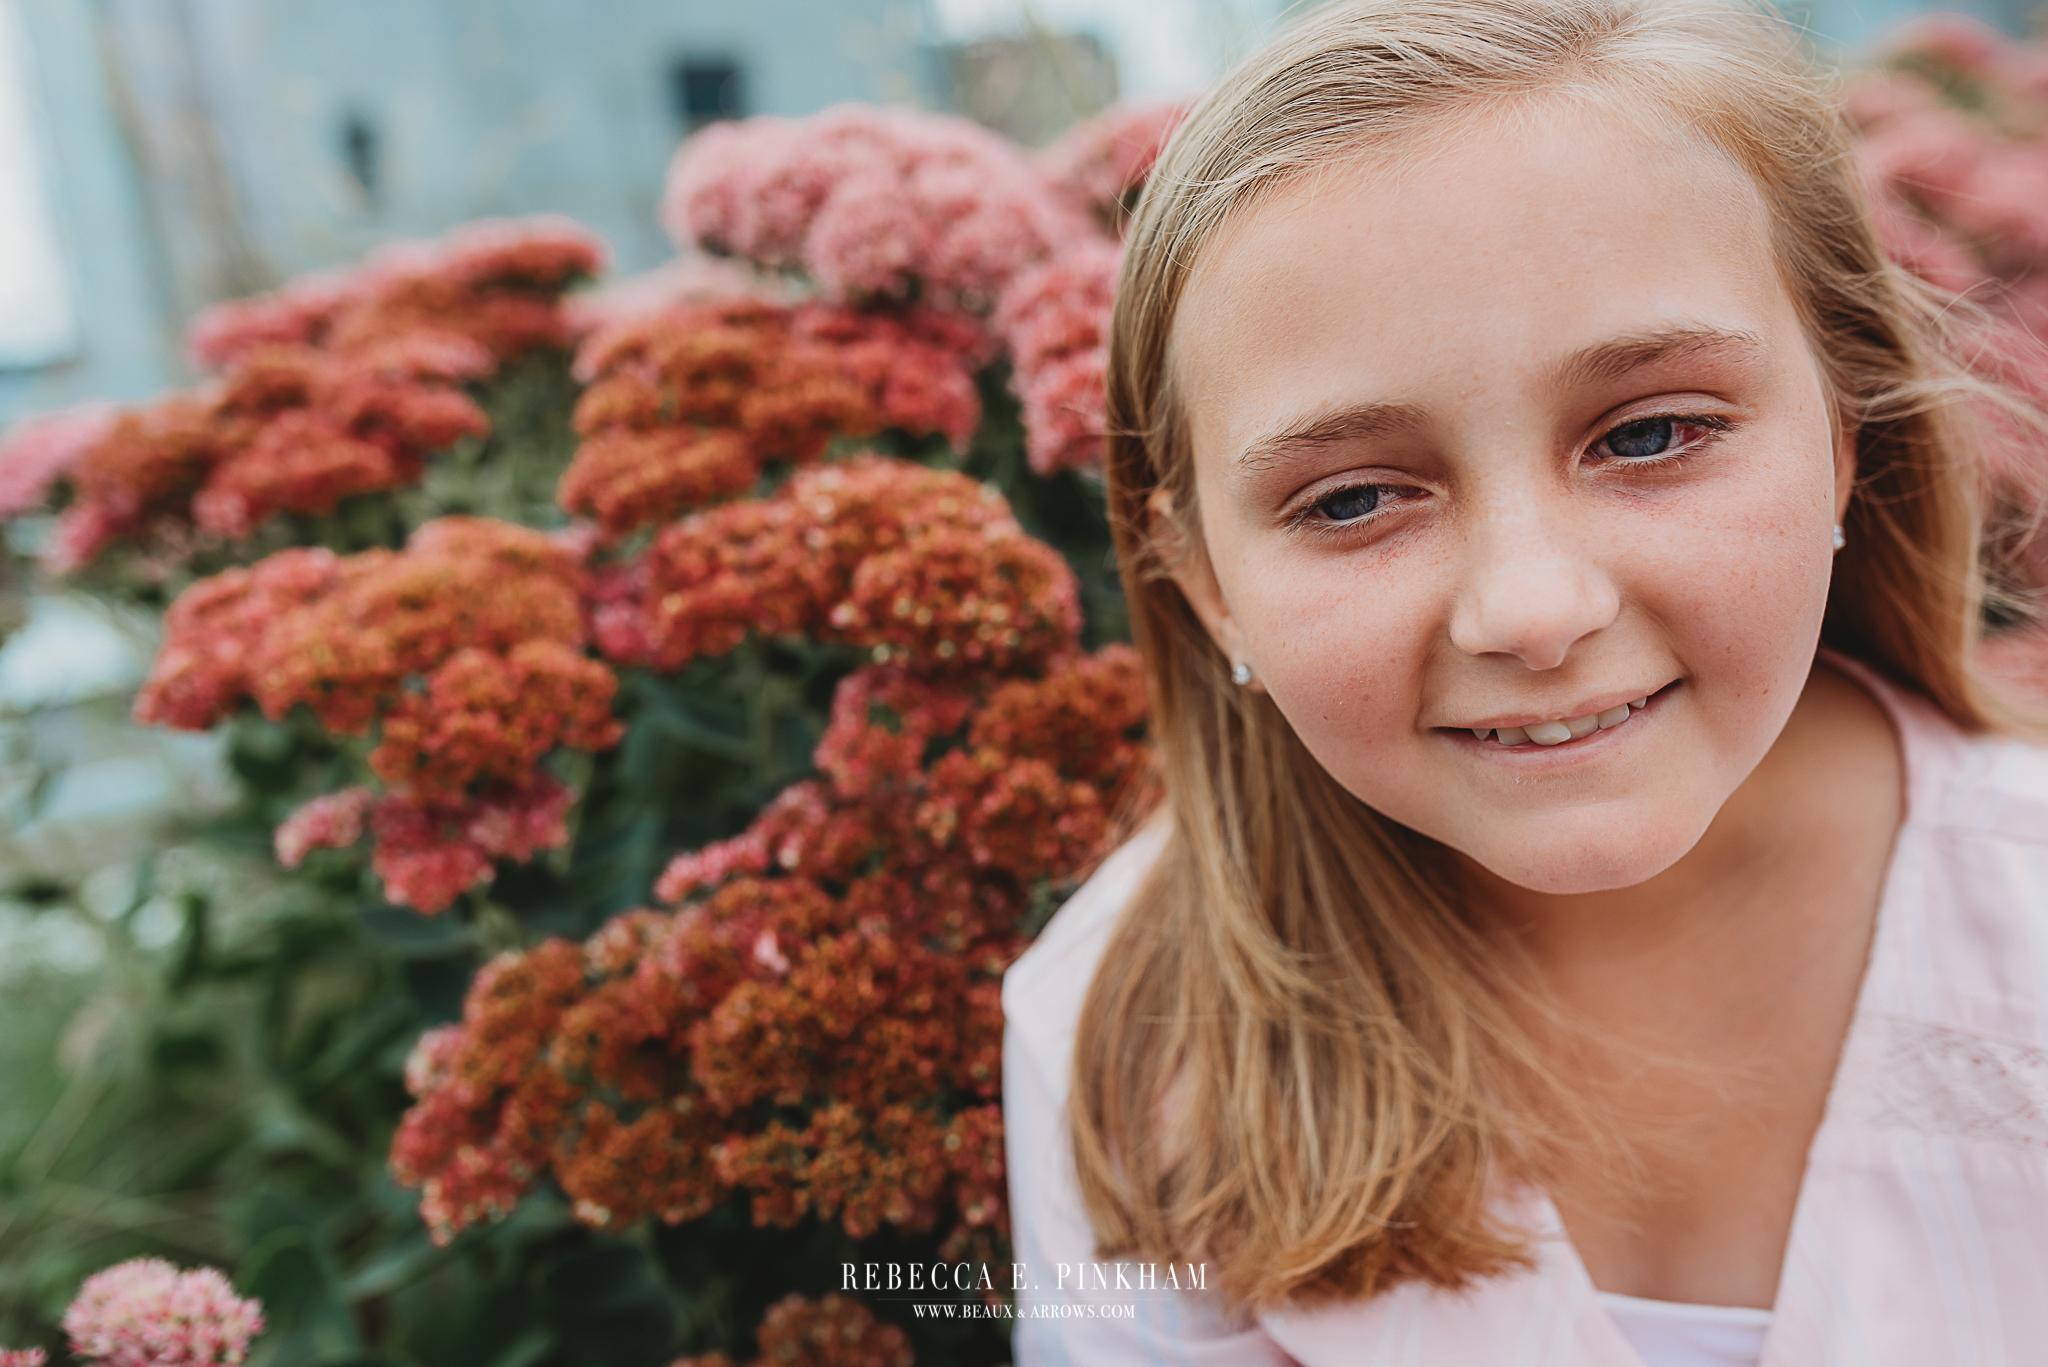 EmmyBrittanyHaircut-9191.jpg